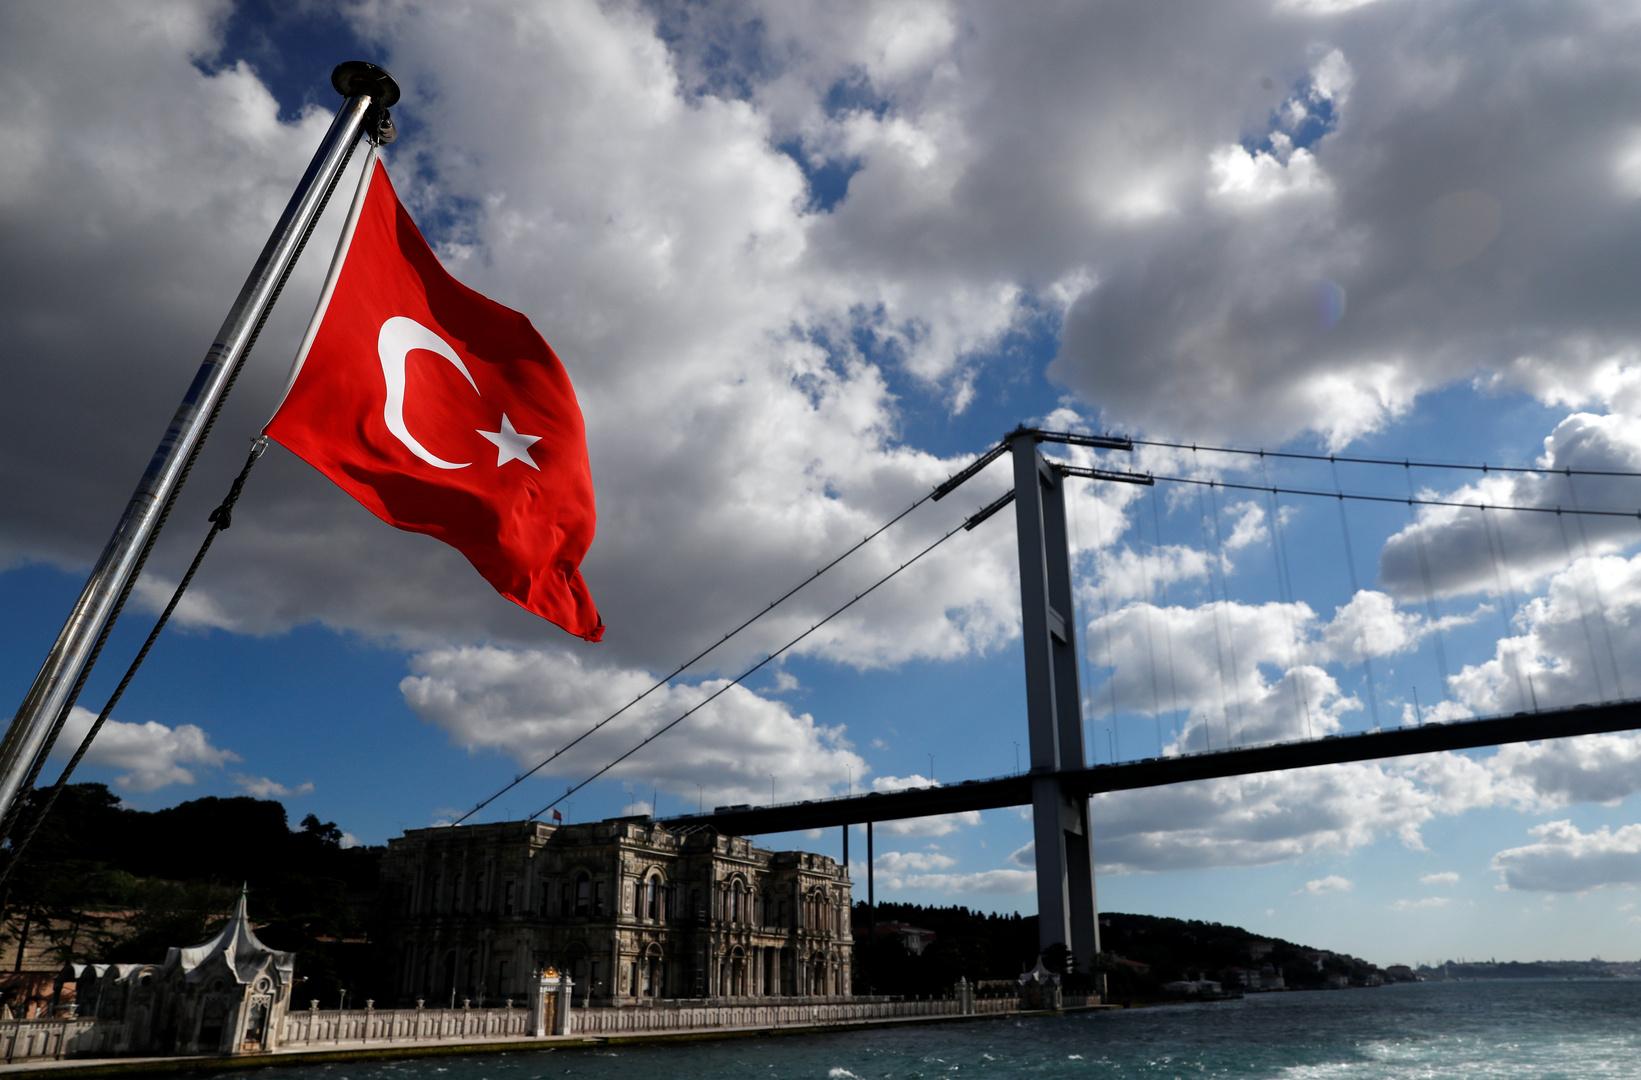 القوات الخاصة التركية تحيد 4 مسلحين من